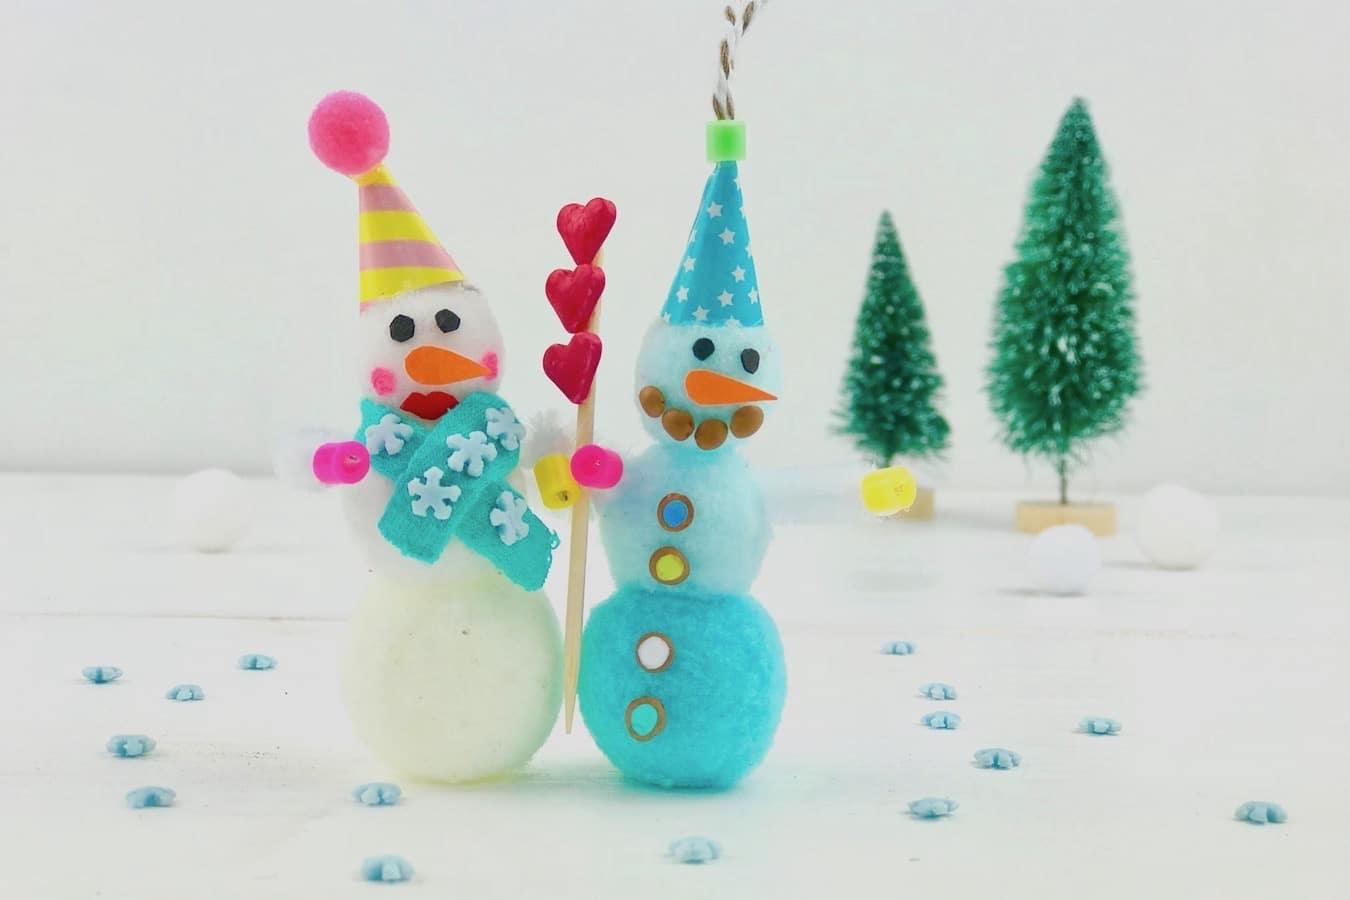 Weihnachtsbasteln Mit Kindern Zum Advent: 3 Einfache verwandt mit Weihnachtsbasteln Mit Kindern Ab 3 Jahren